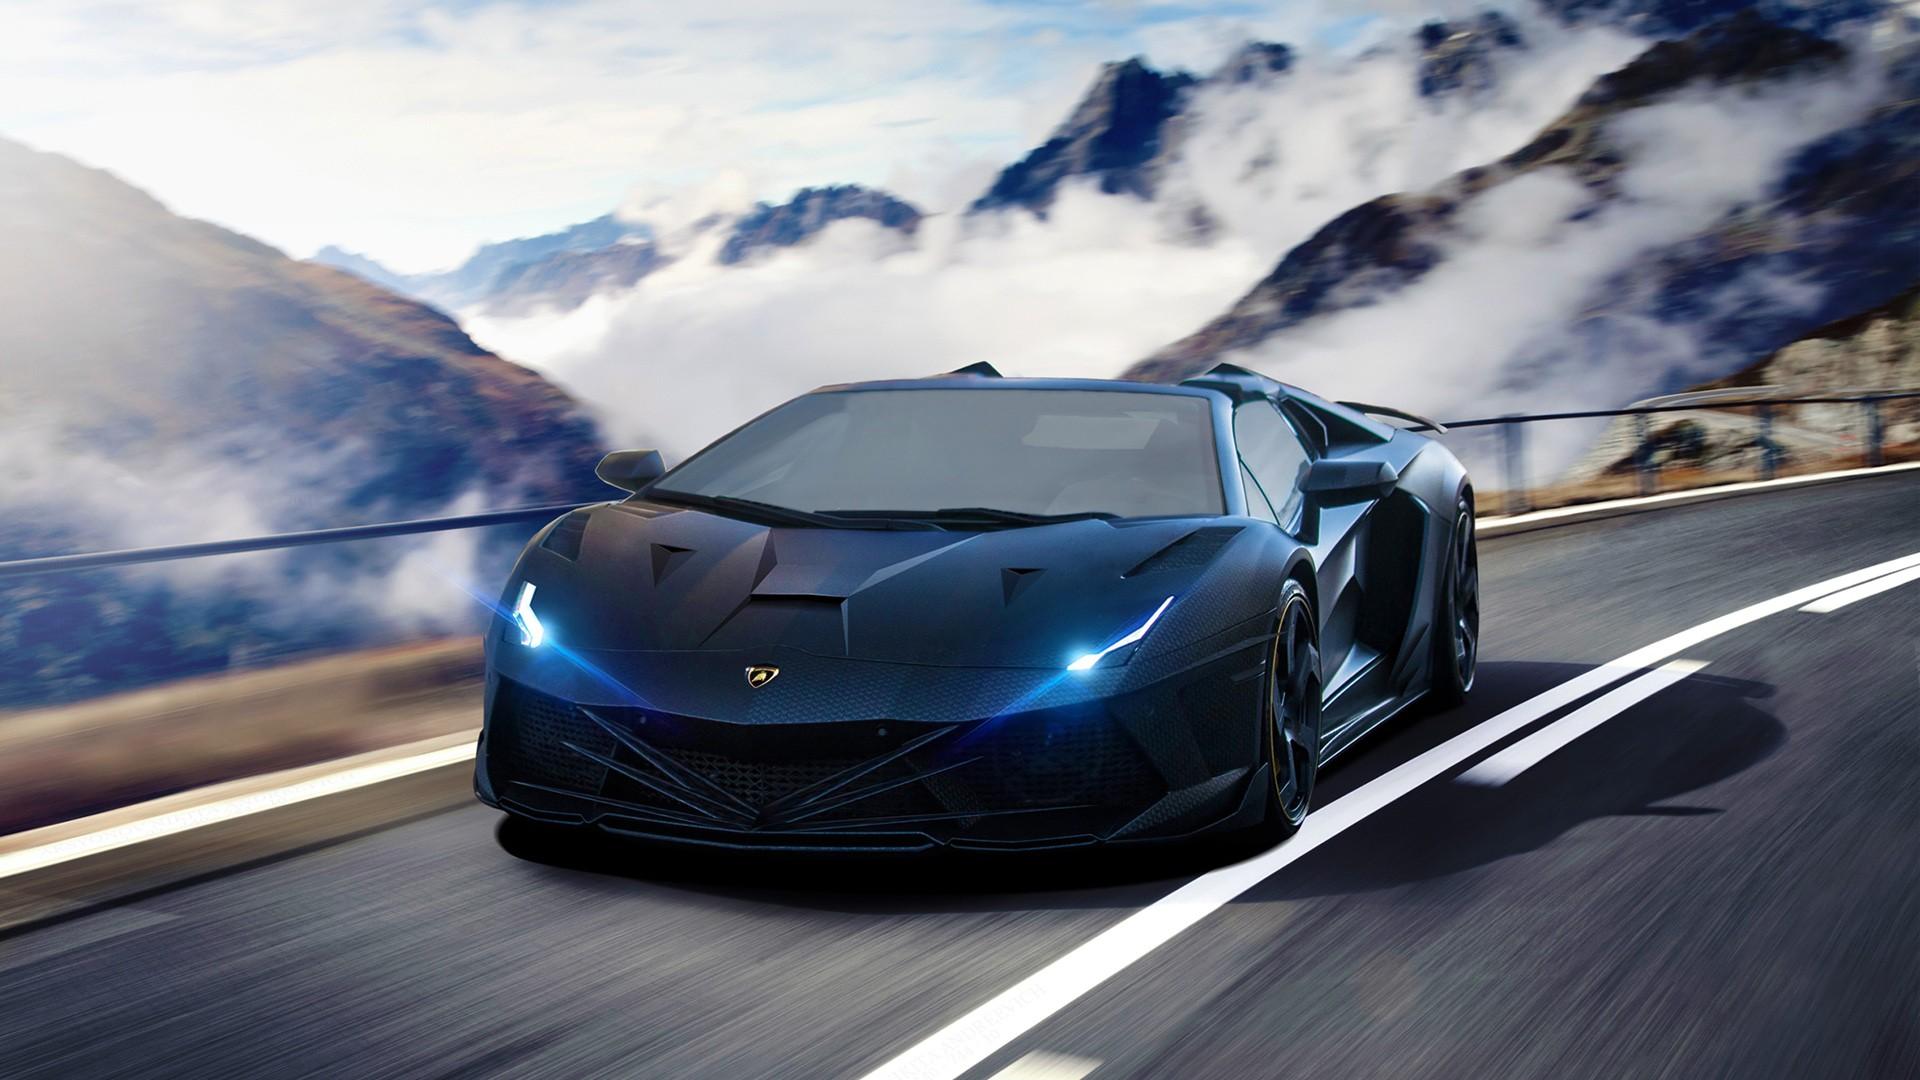 Lamborghini Car Wallpaper In Hd Lamborghini Aventador Supercar Wallpaper Hd Car